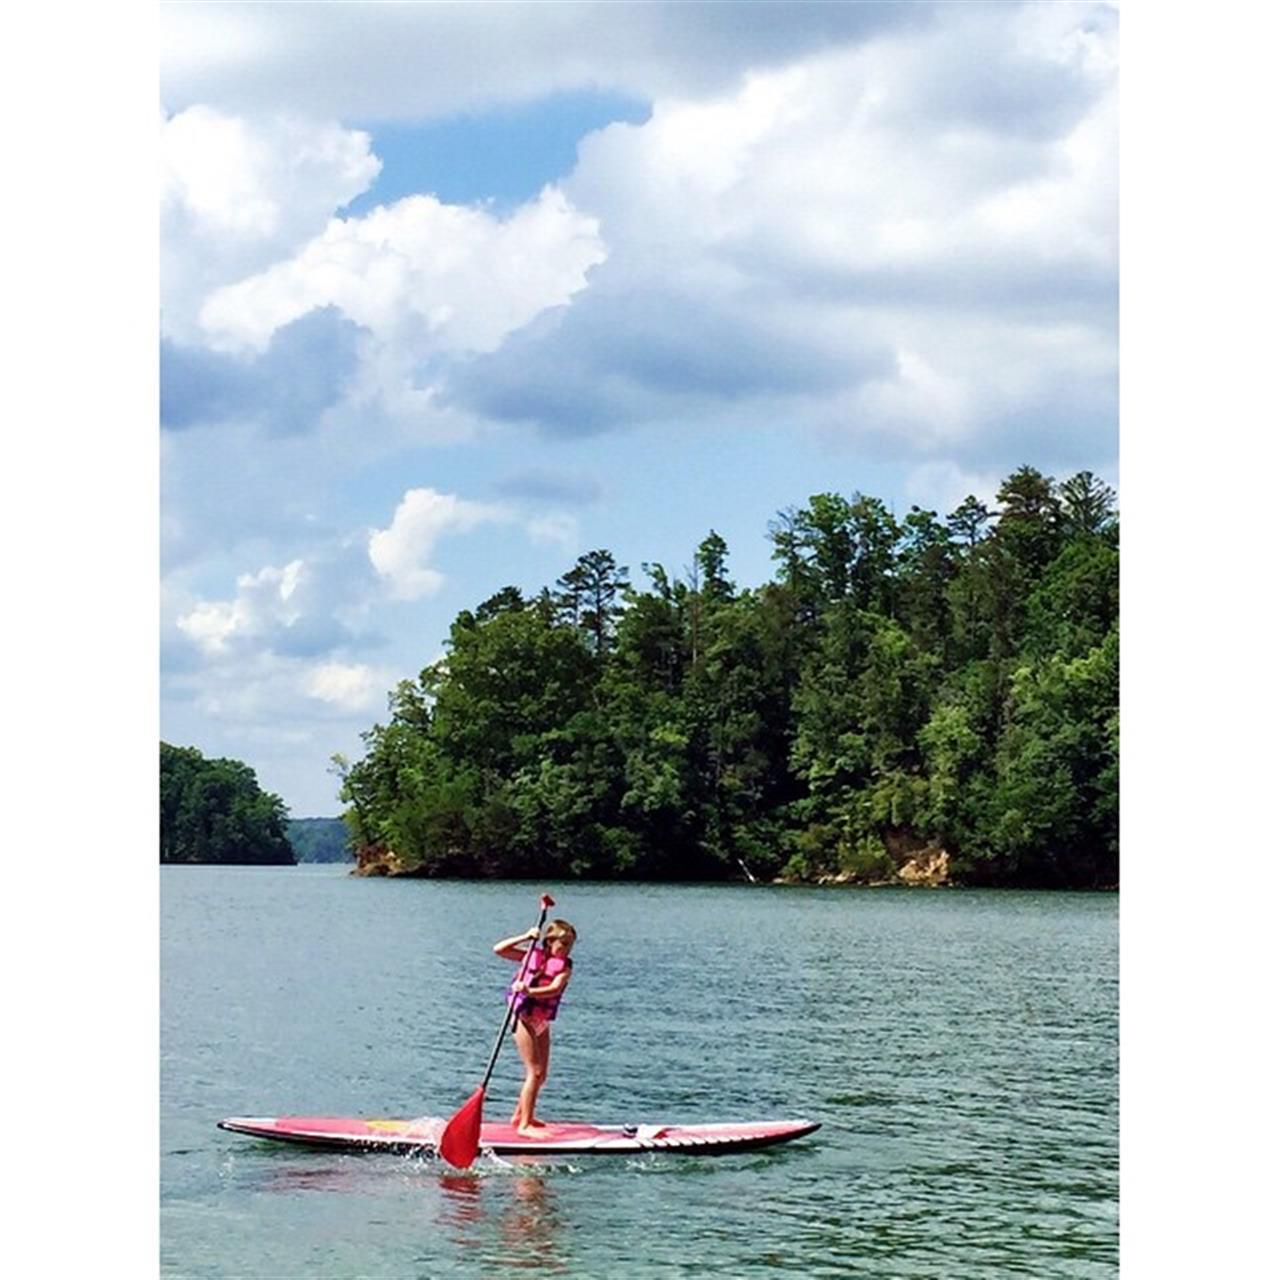 #lakedays  Lake Lanier, Gainesville, GA